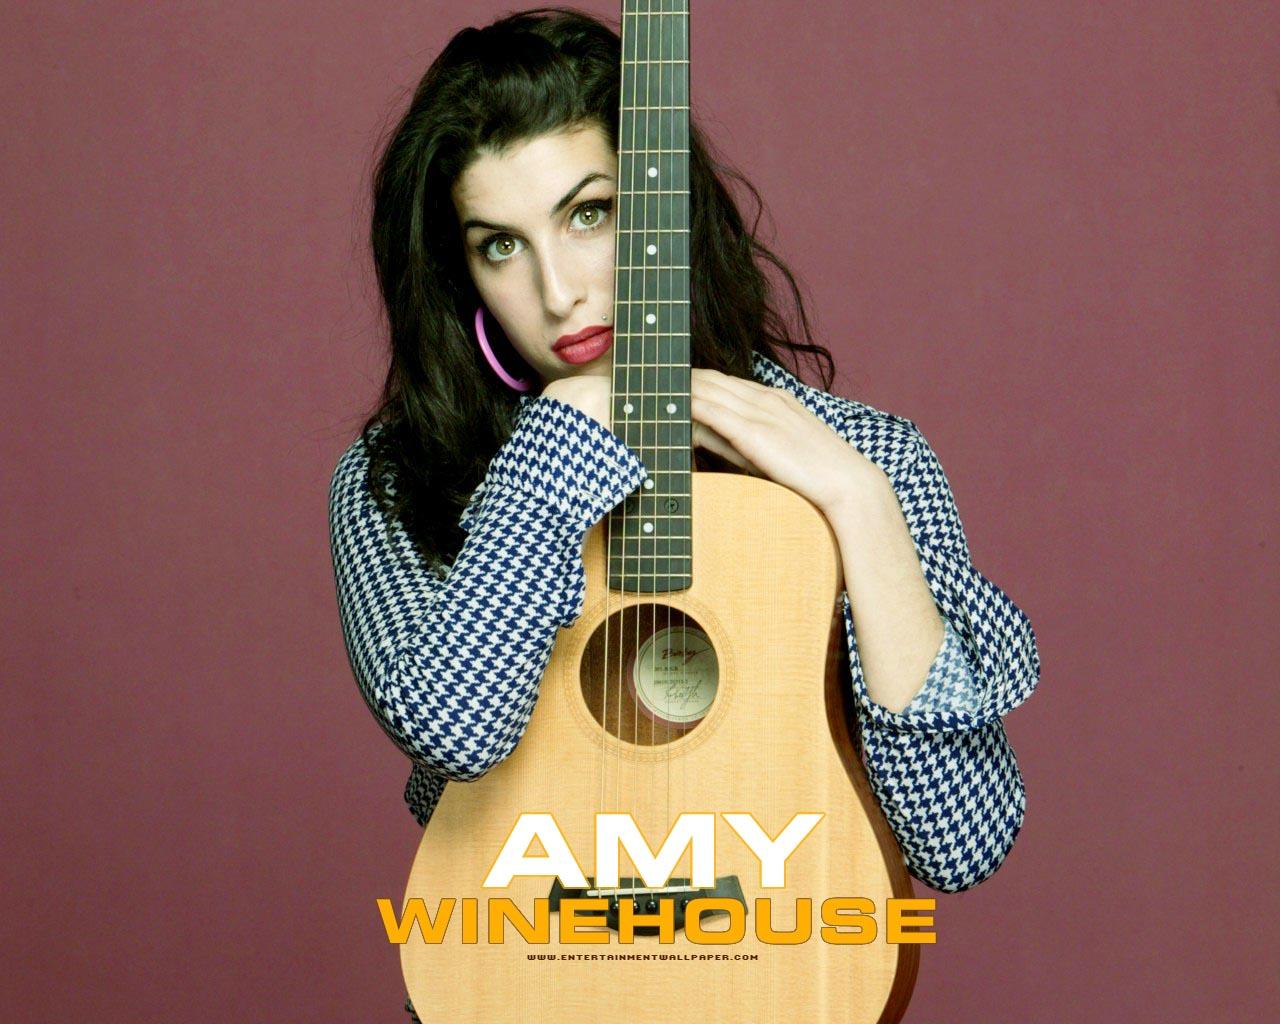 http://3.bp.blogspot.com/-hkdnyIsZzfg/UNHUtu9quYI/AAAAAAAAn7I/z7bcVVyWpV0/s1600/amy-winehouse-guitar.jpg